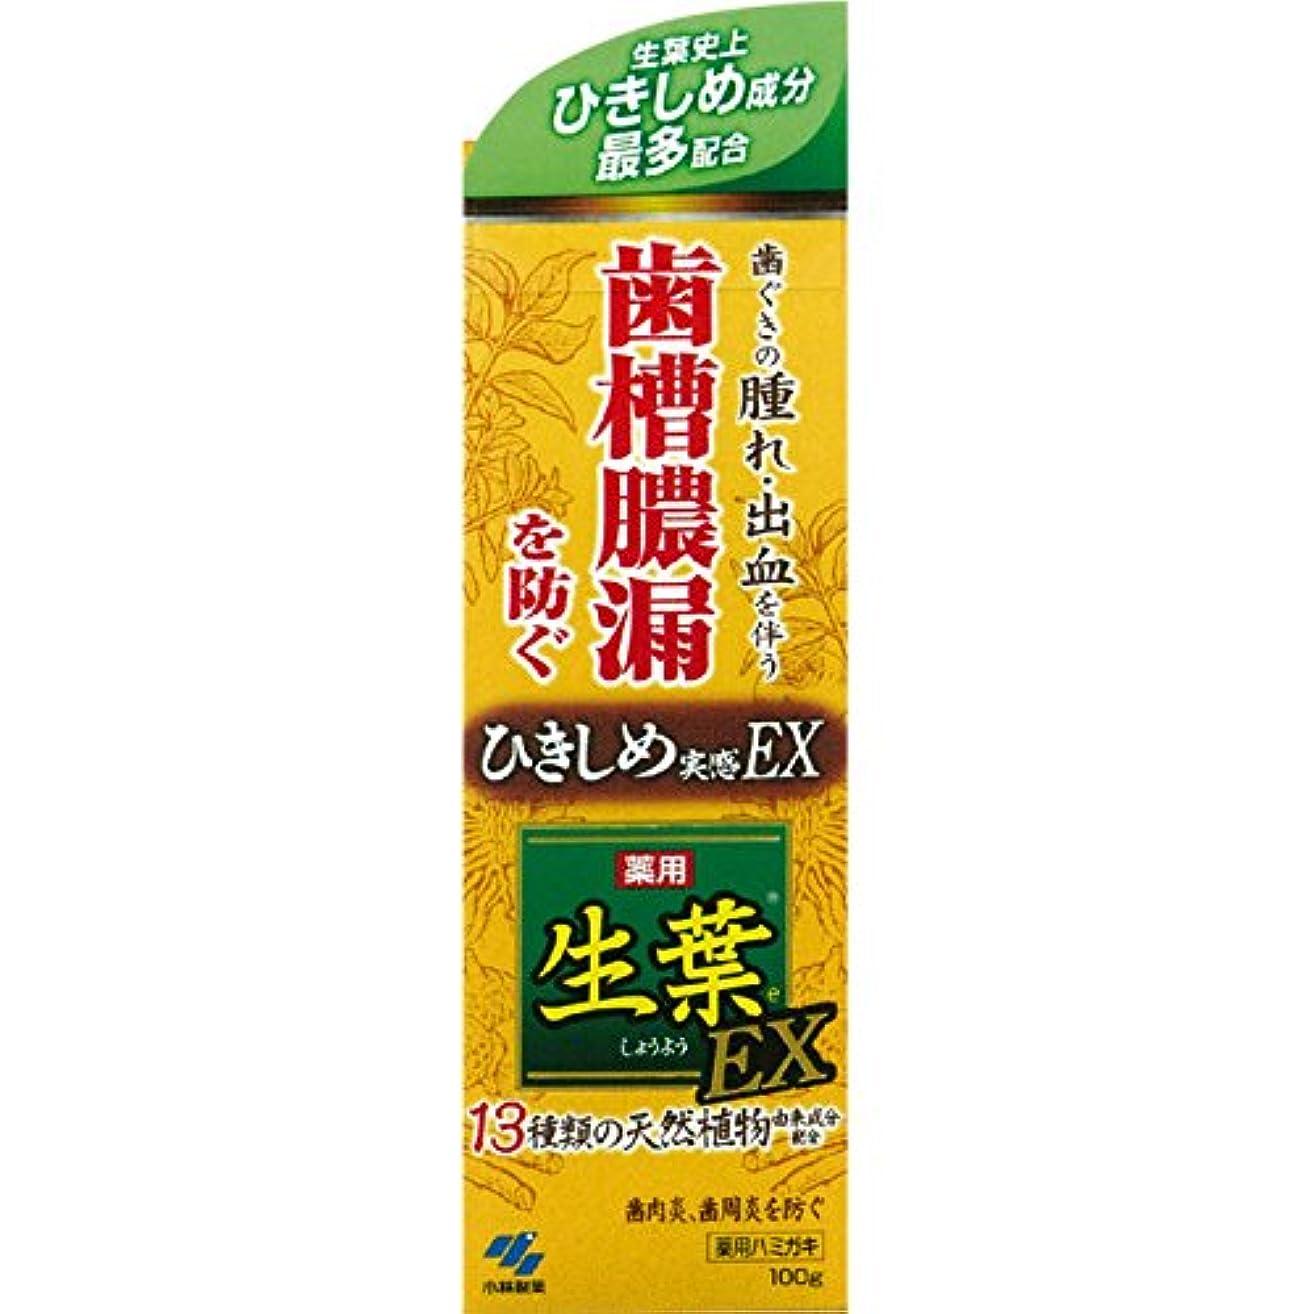 生葉EX 100g x4個セット